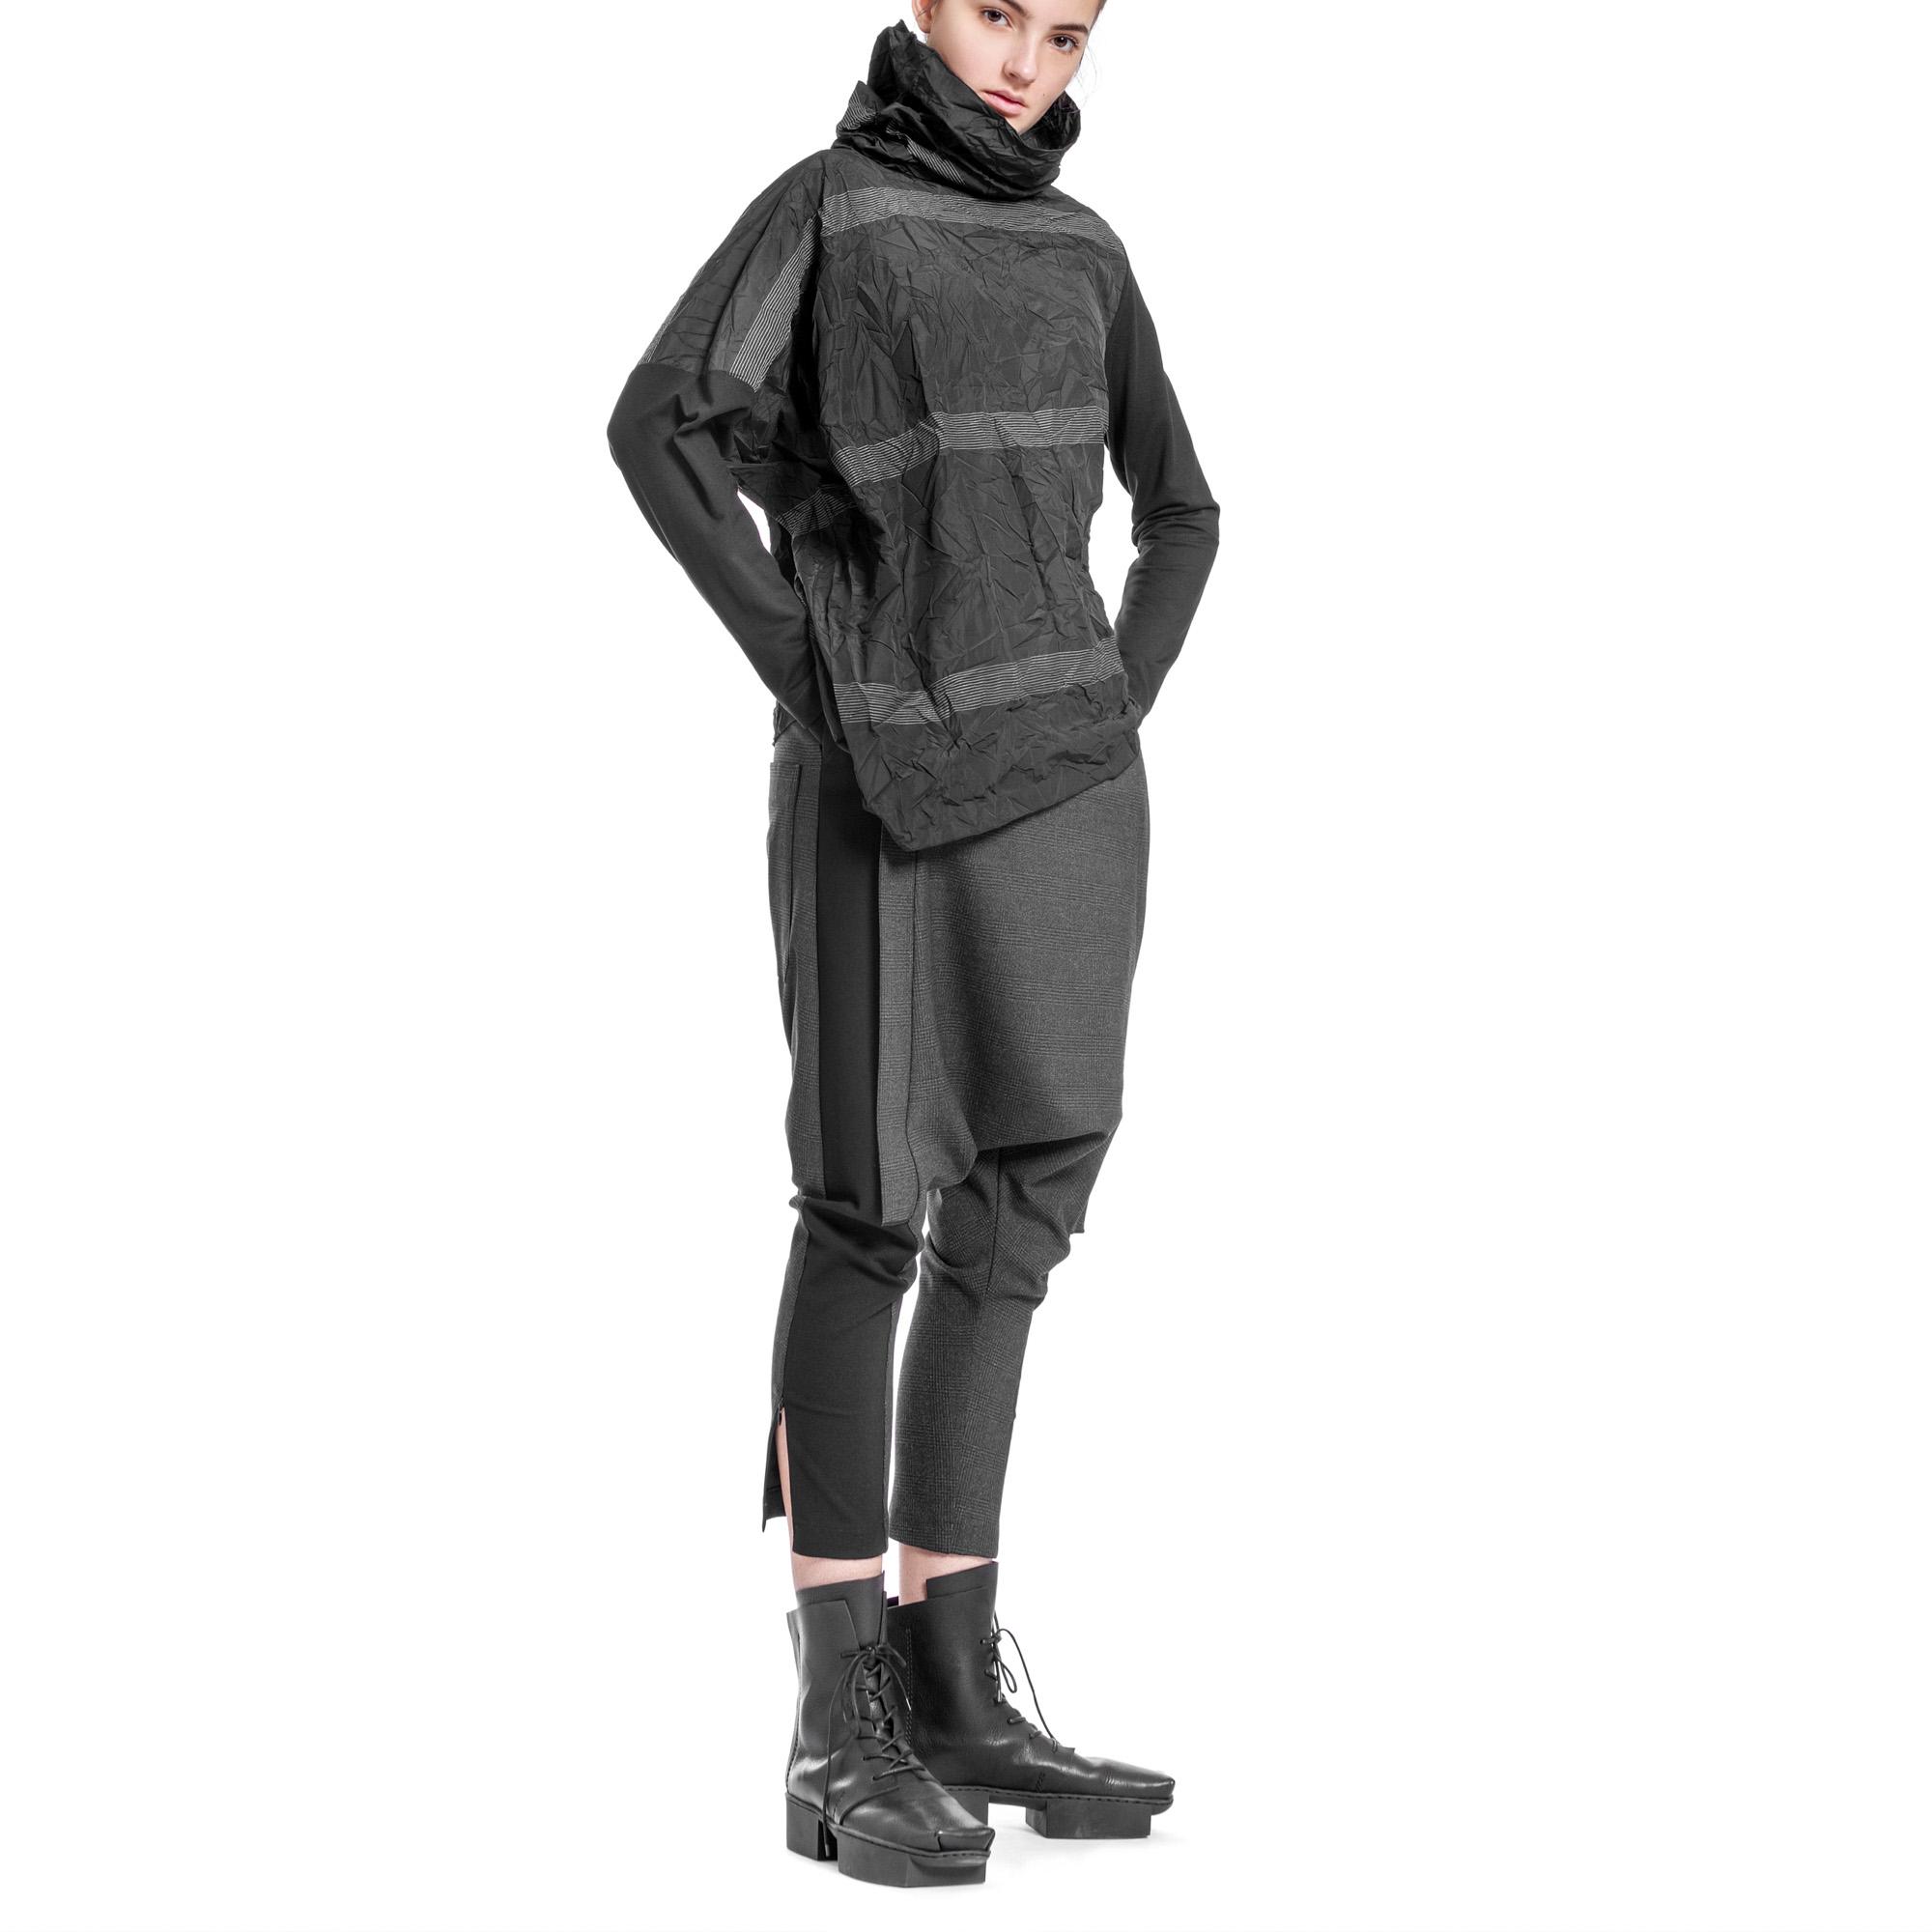 XD Xenia design vam otkriva 6 modnih komada za rujan